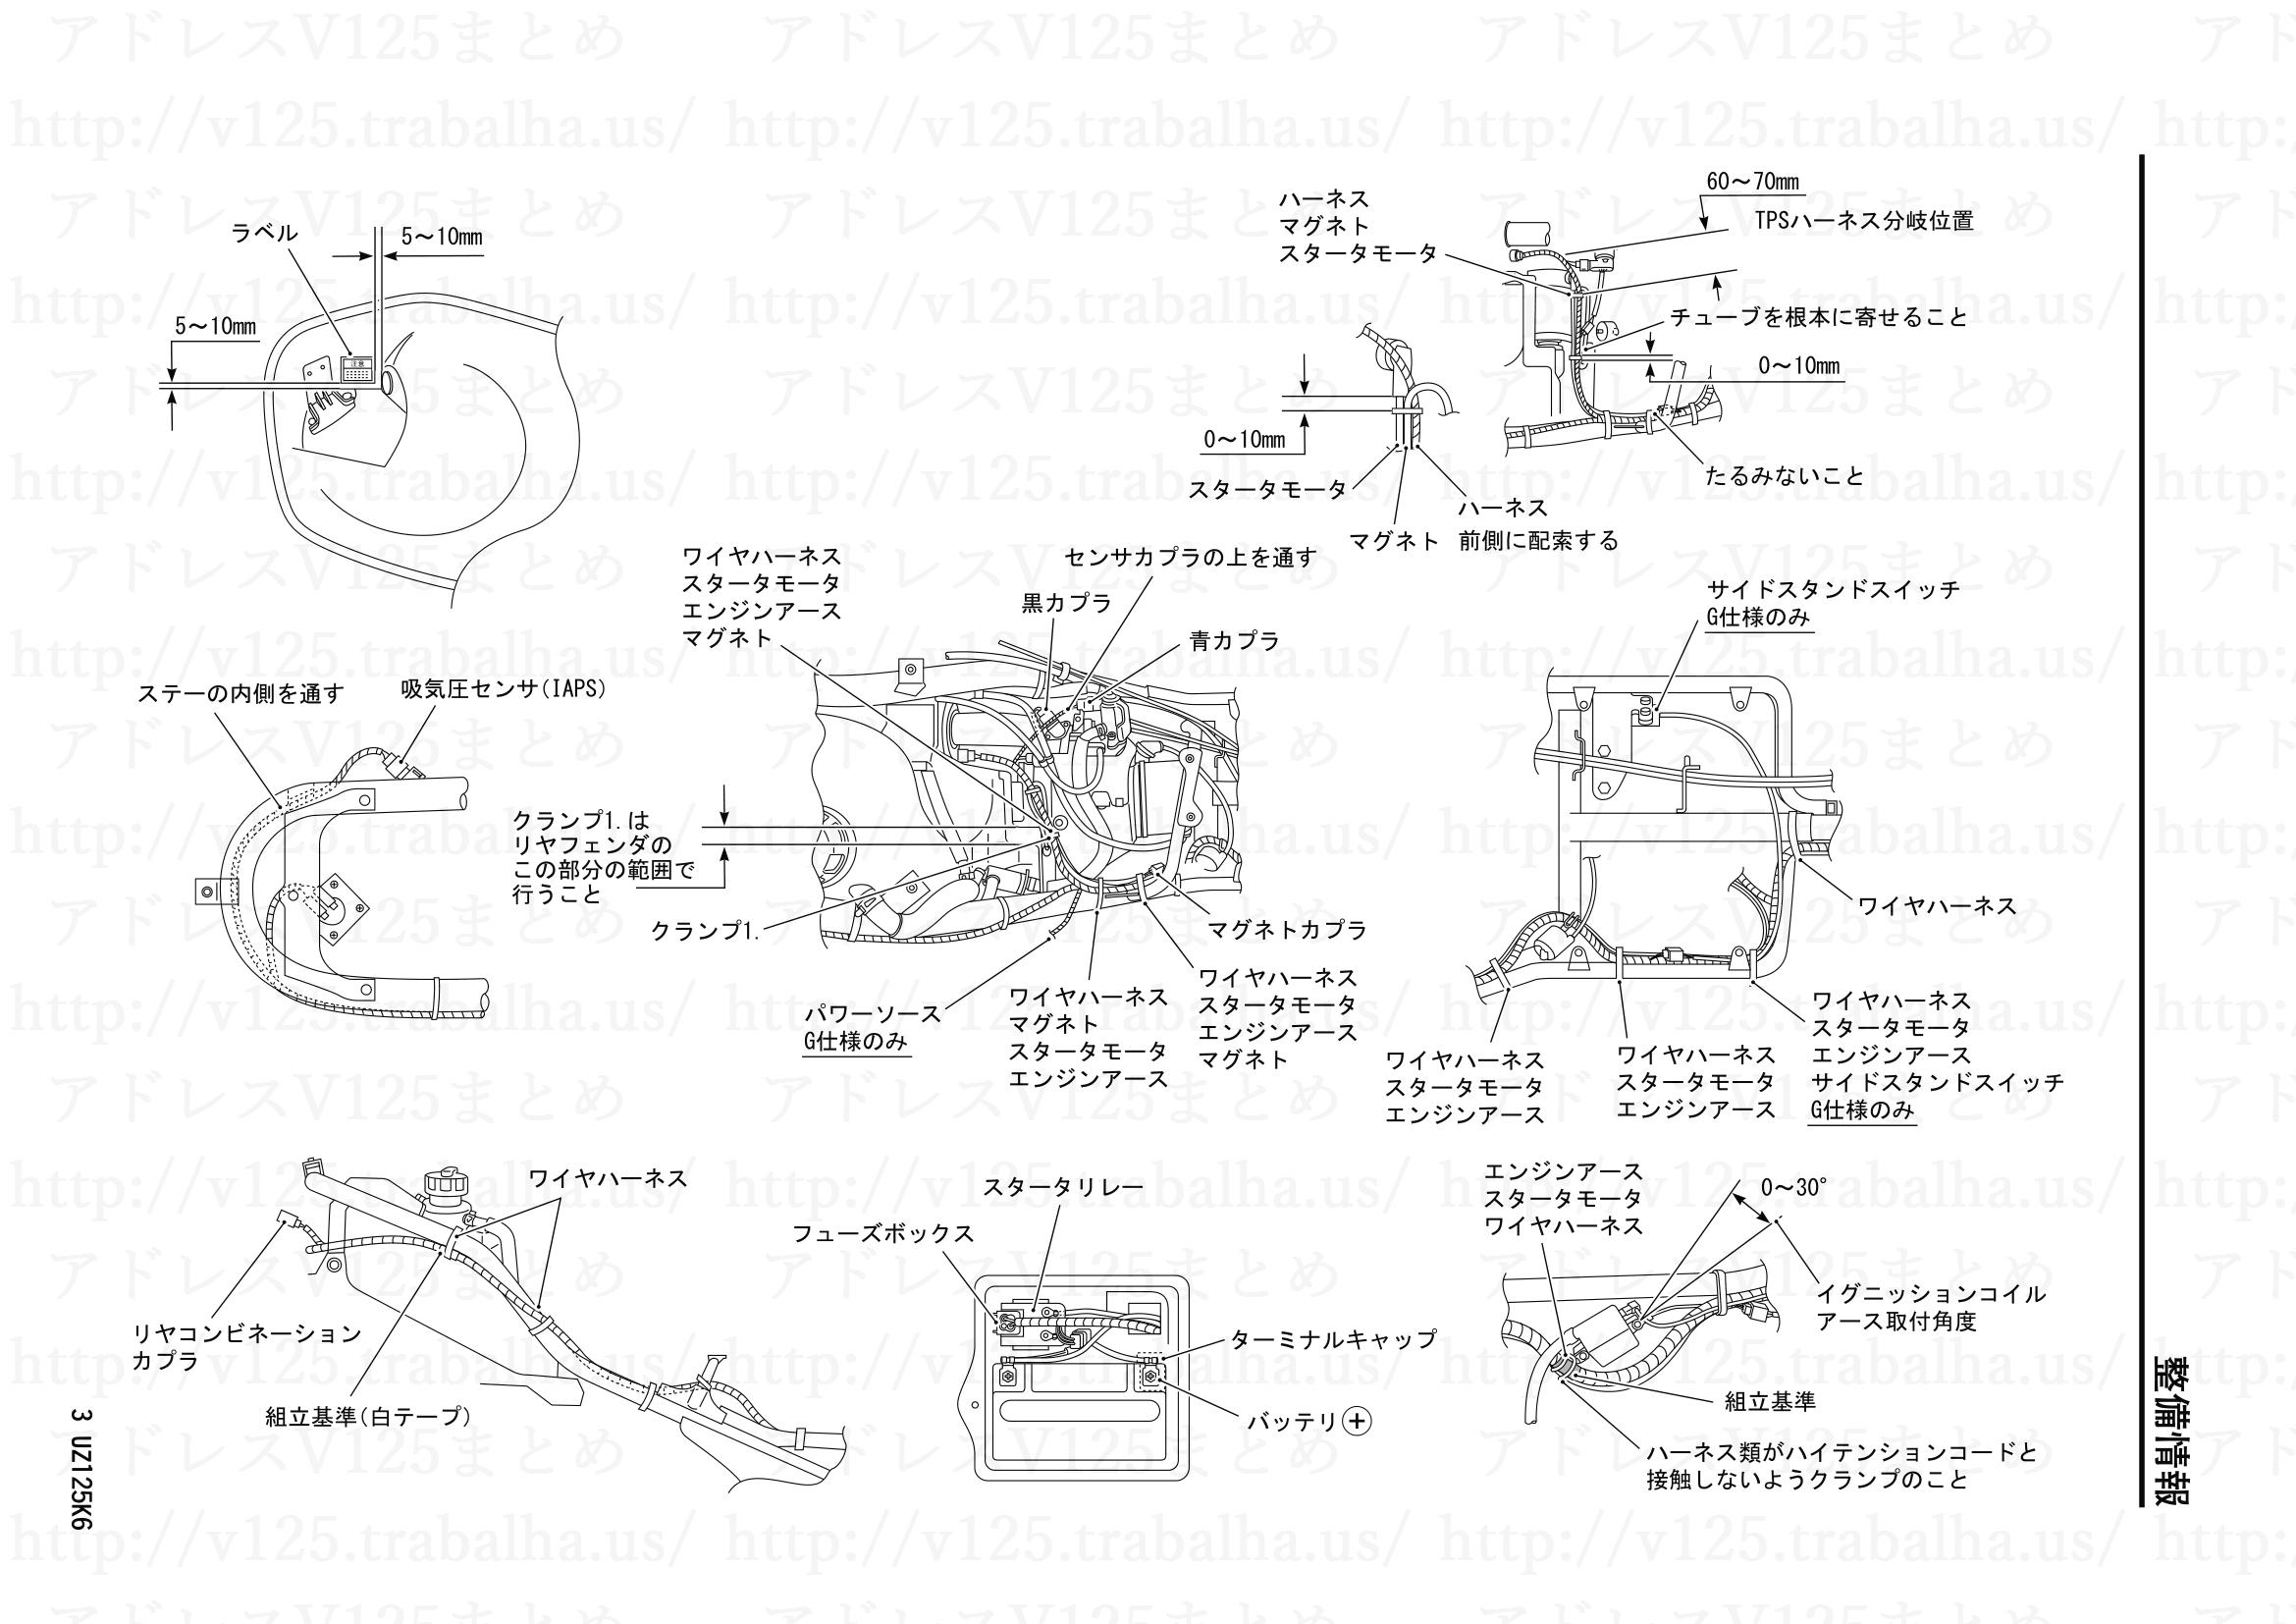 追補【UZ125/GK6】旧モデルとの主な相違点3